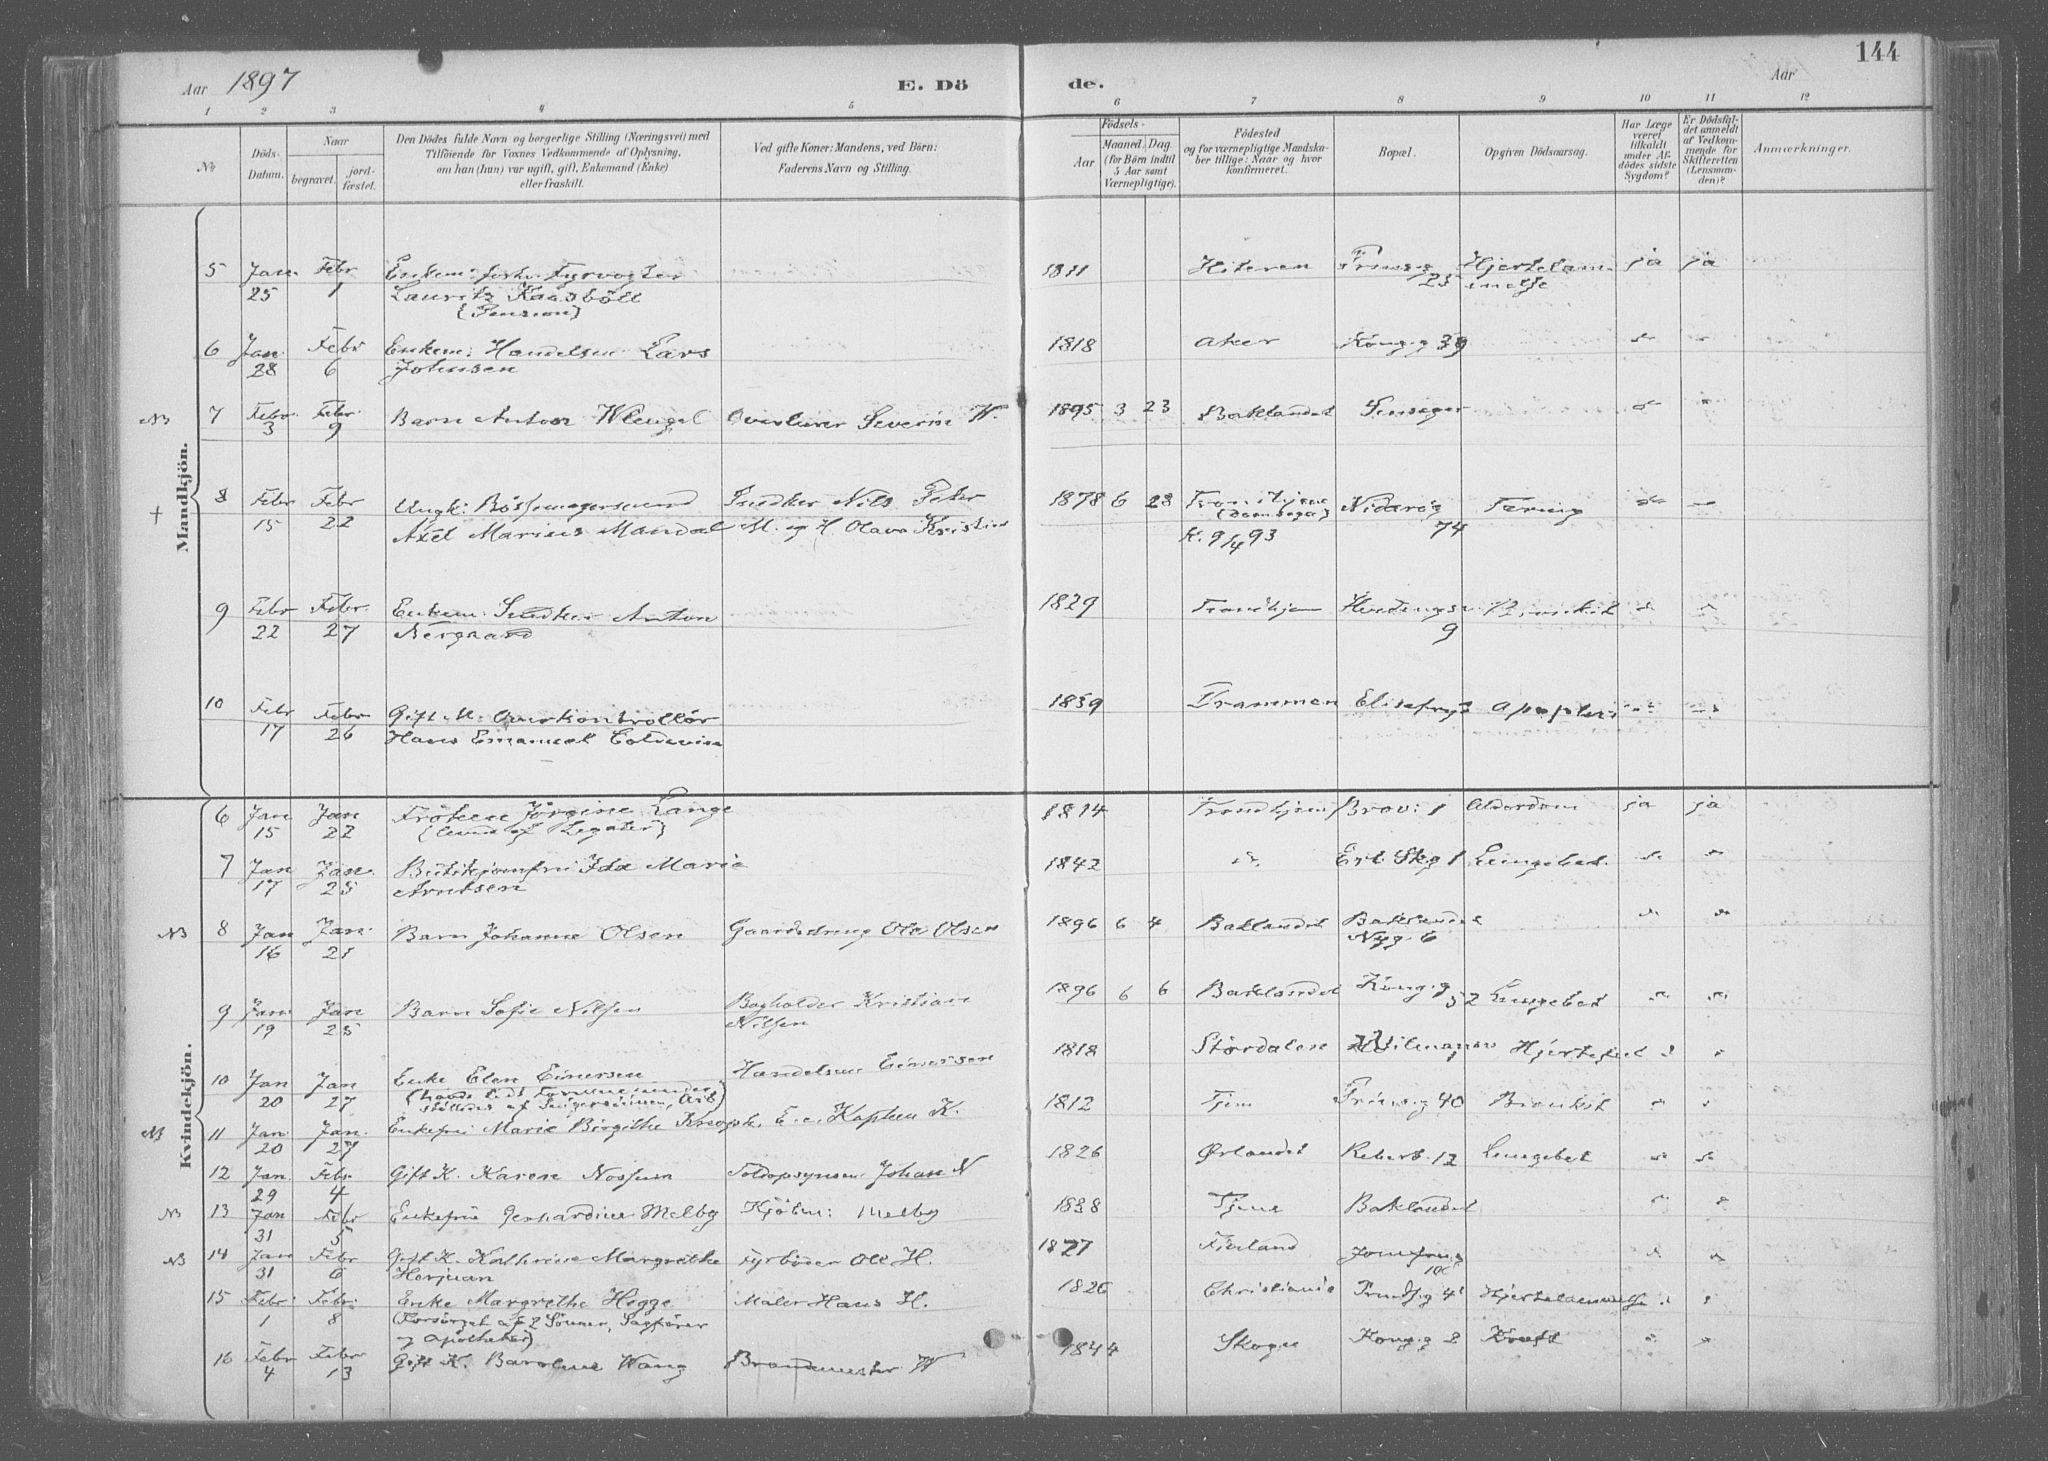 SAT, Ministerialprotokoller, klokkerbøker og fødselsregistre - Sør-Trøndelag, 601/L0064: Ministerialbok nr. 601A31, 1891-1911, s. 144